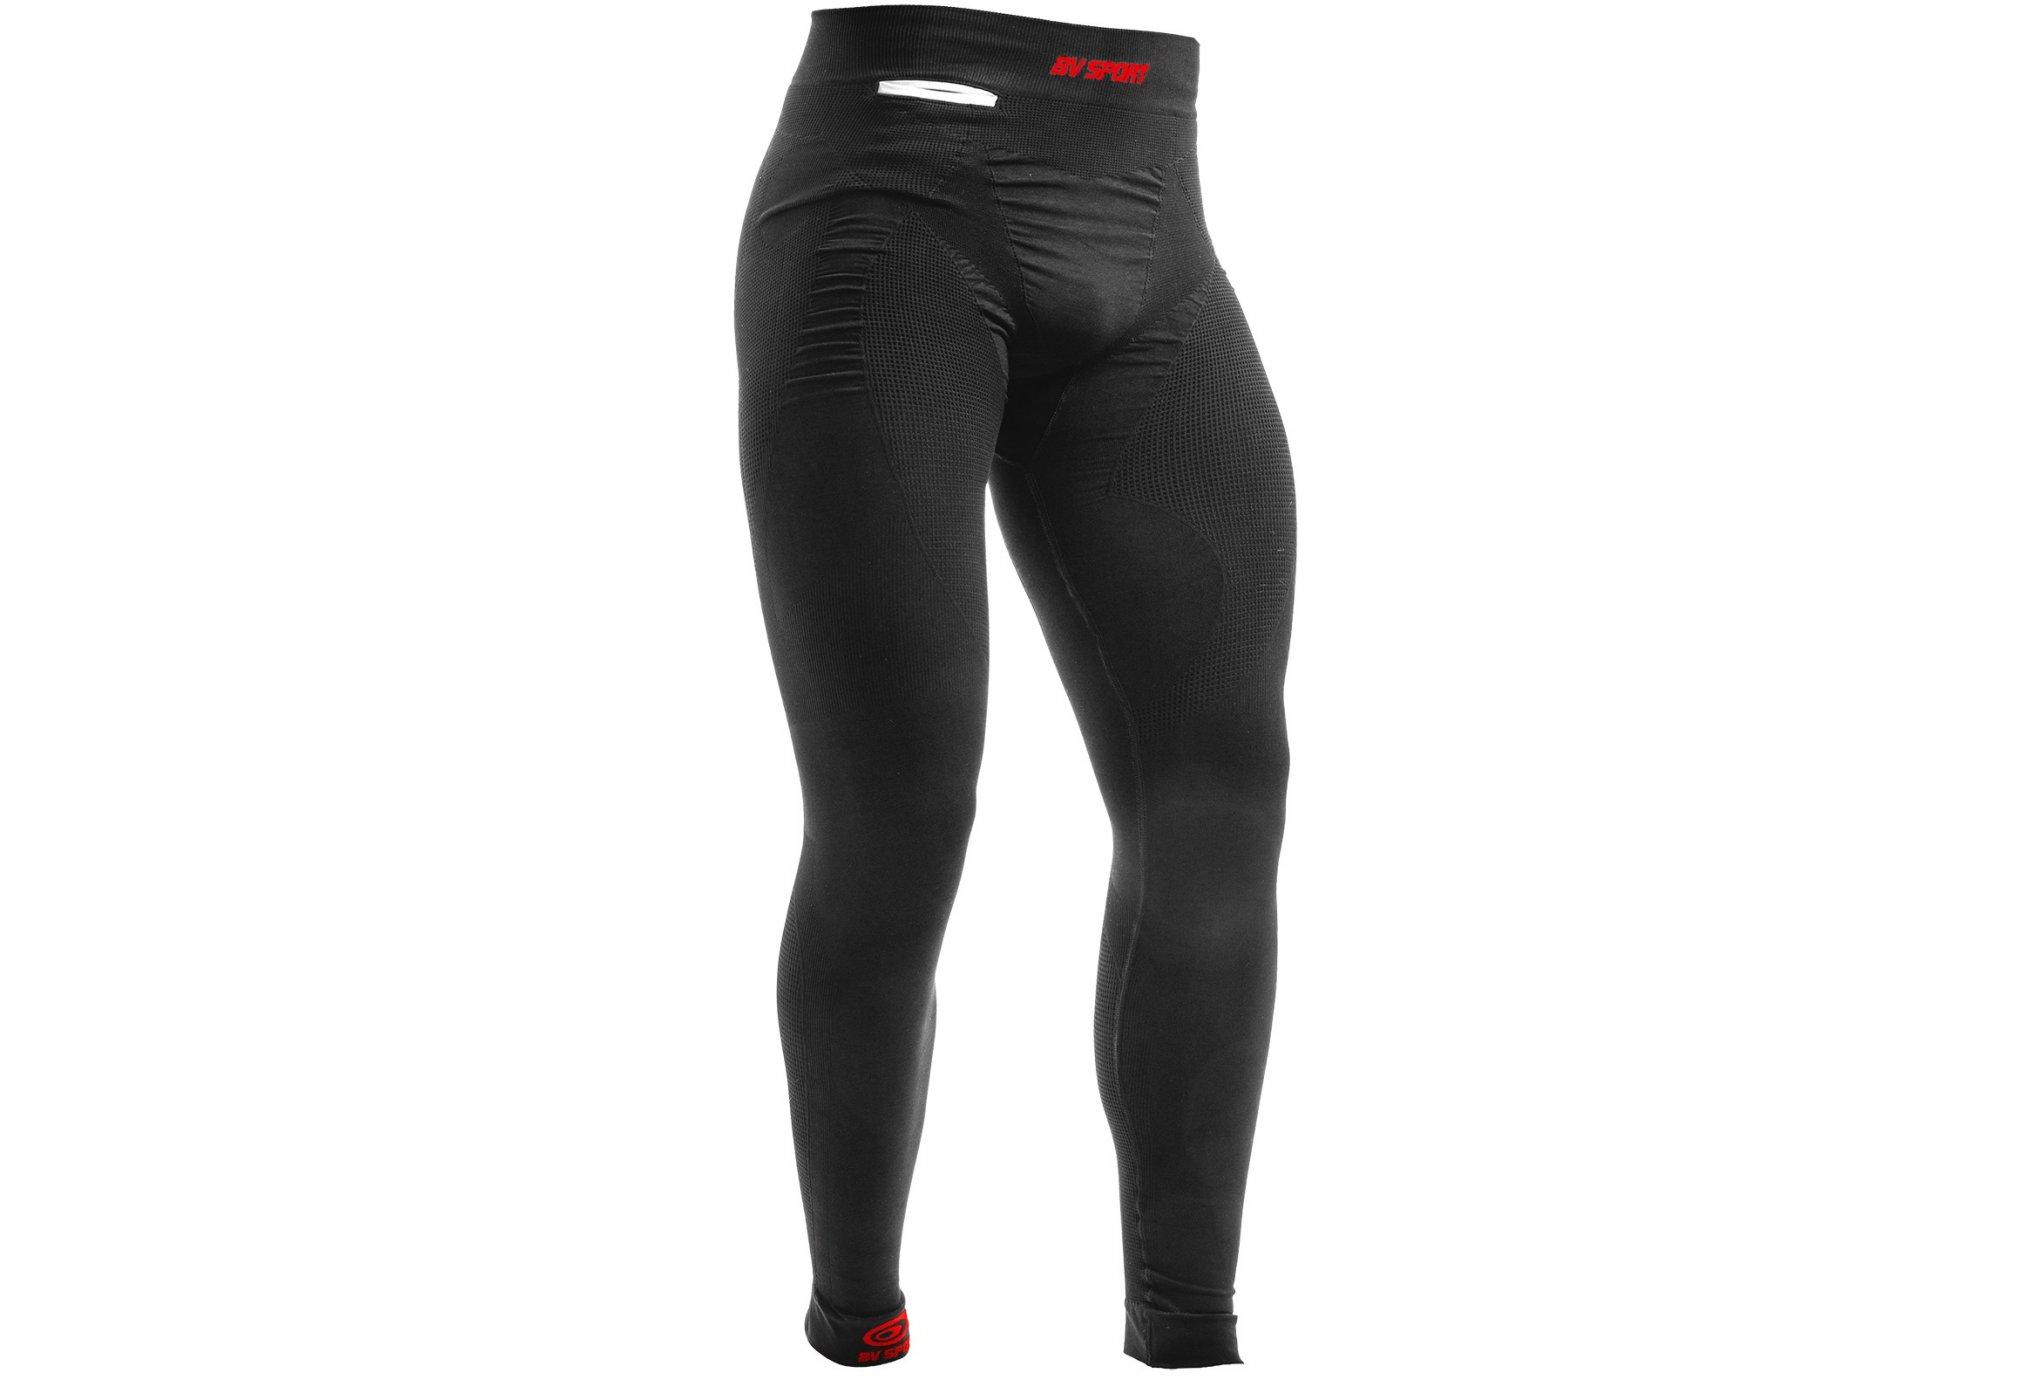 Nordicfit, Sport et Santé - BV Sport 3 4 Trail CSX Long M vêtement ... 8c2c914ece70